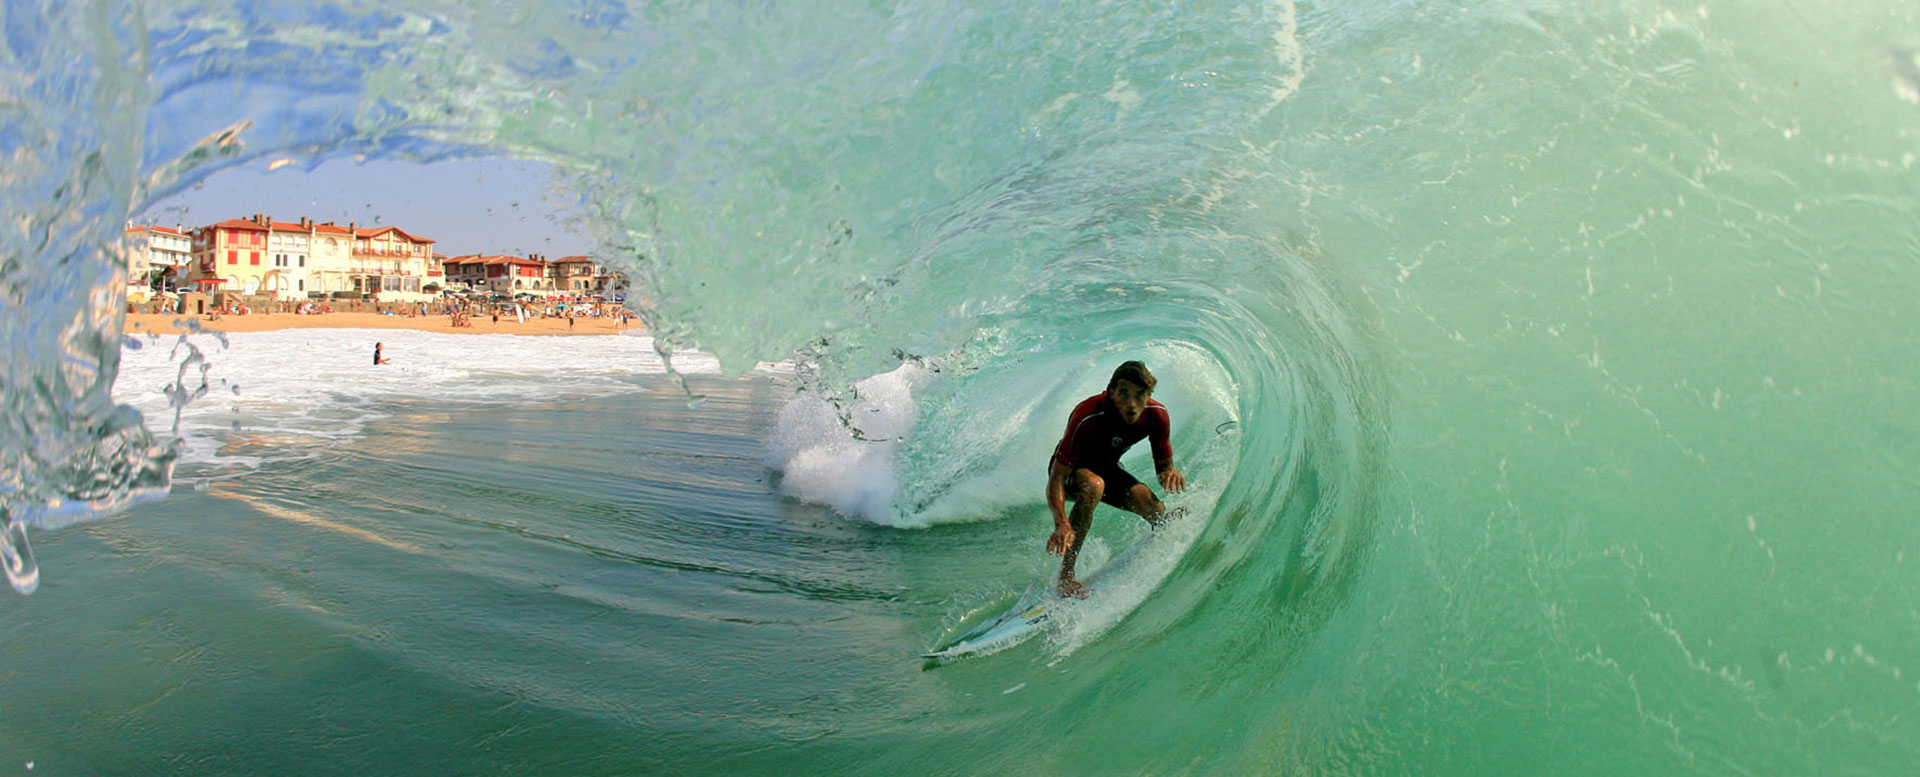 Surfen in Côte d'Argent